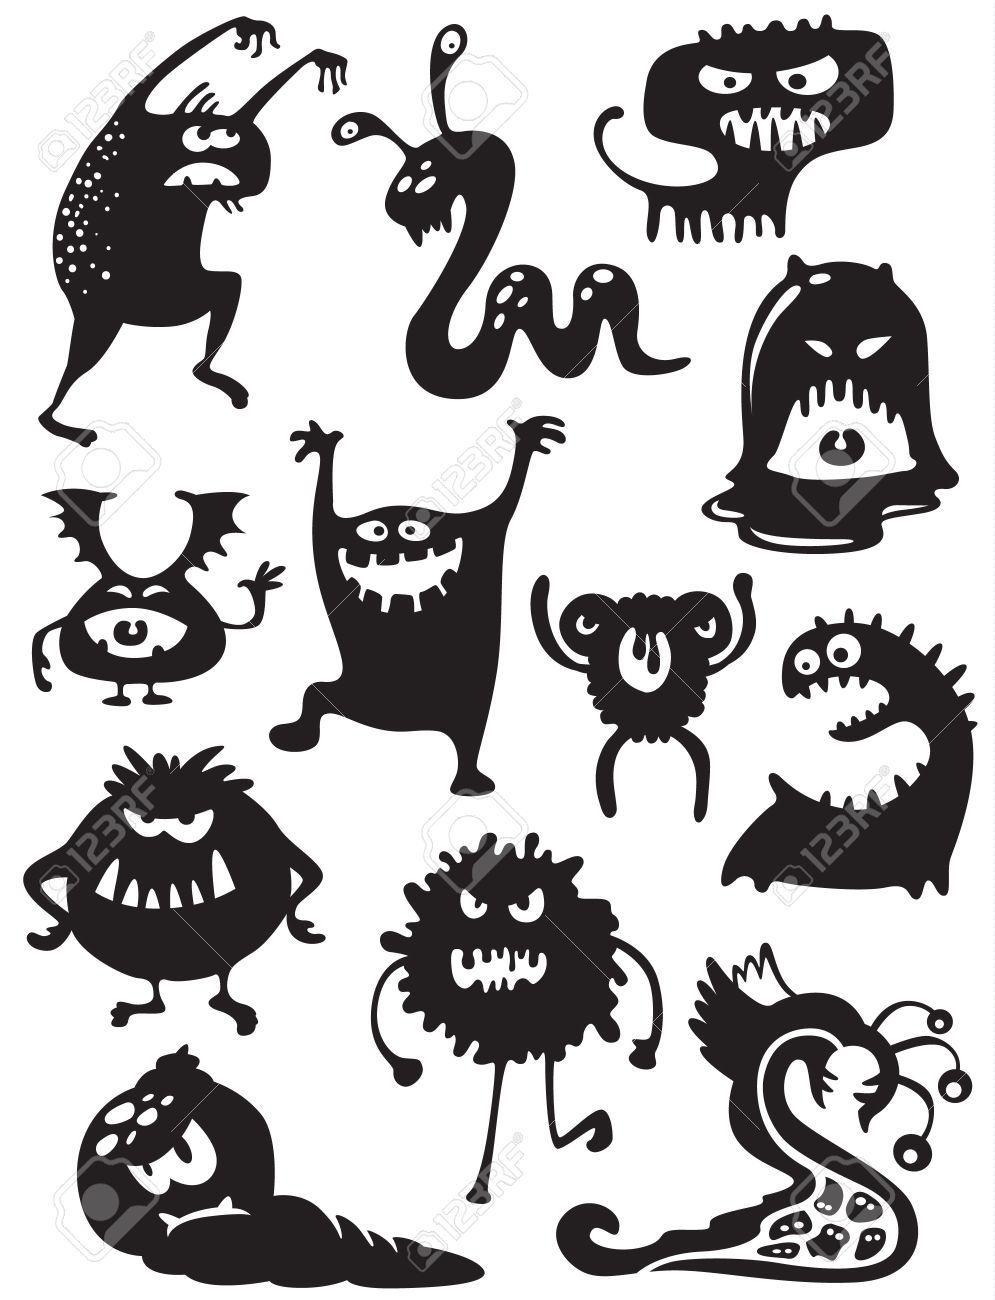 Stock Vector Doodle monster, Halloween doodle, Halloween